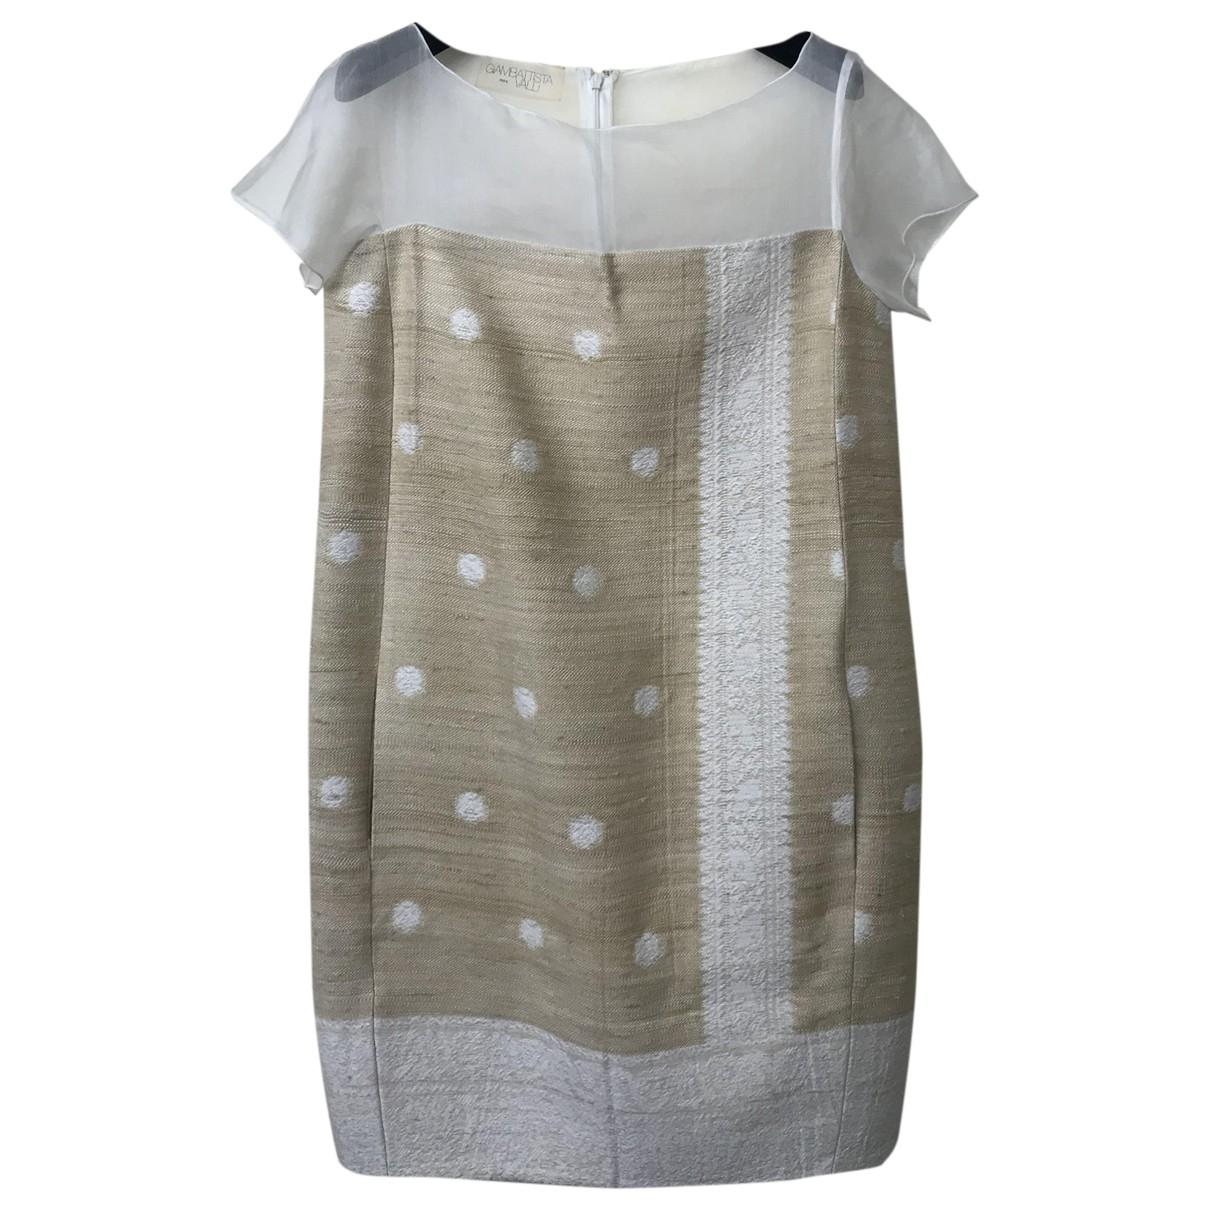 Giambattista Valli \N Beige Cotton dress for Women 40 IT